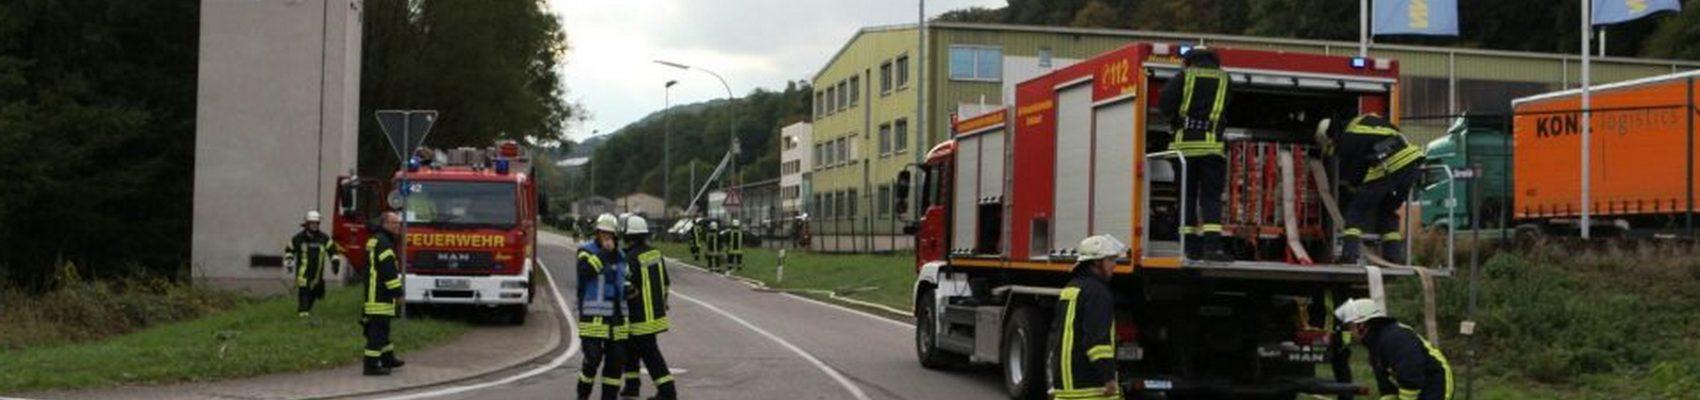 Übung der Feuerwehr bei einem Großbrand.